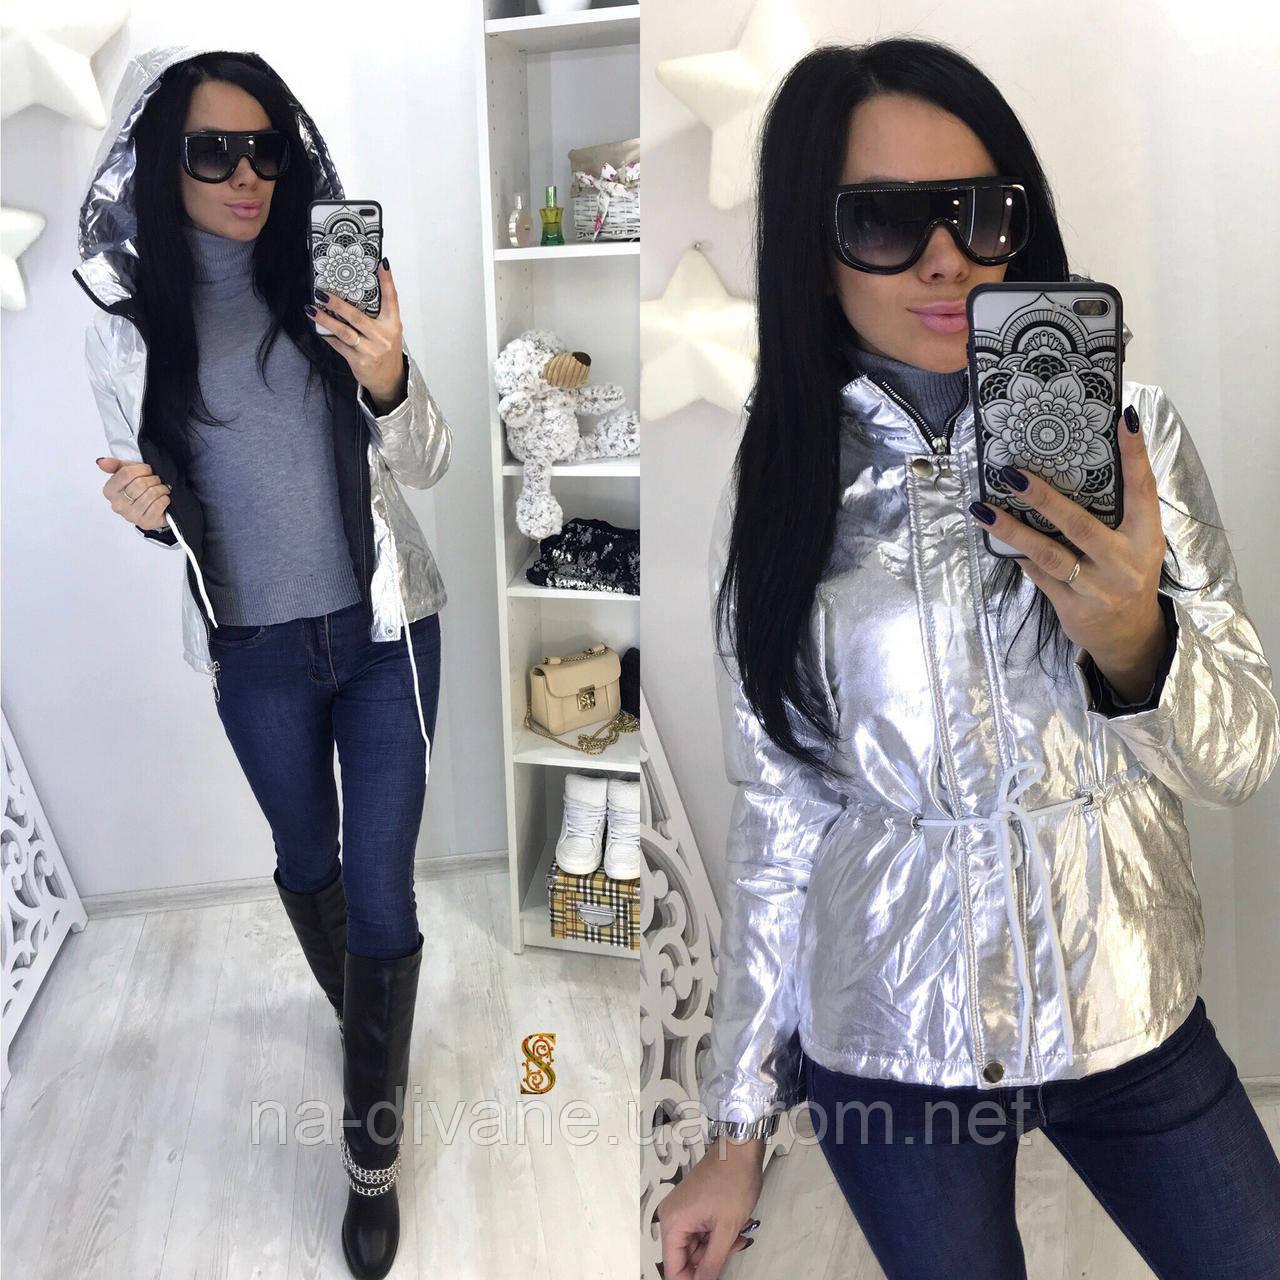 купить куртку женскую , где купить курточку, женская одежда оптом, интернет  магазин одежды в Одессе, из Одессы, купить одежду оптом в Украине, одежда  YULIA, ... 5272dd1fde2